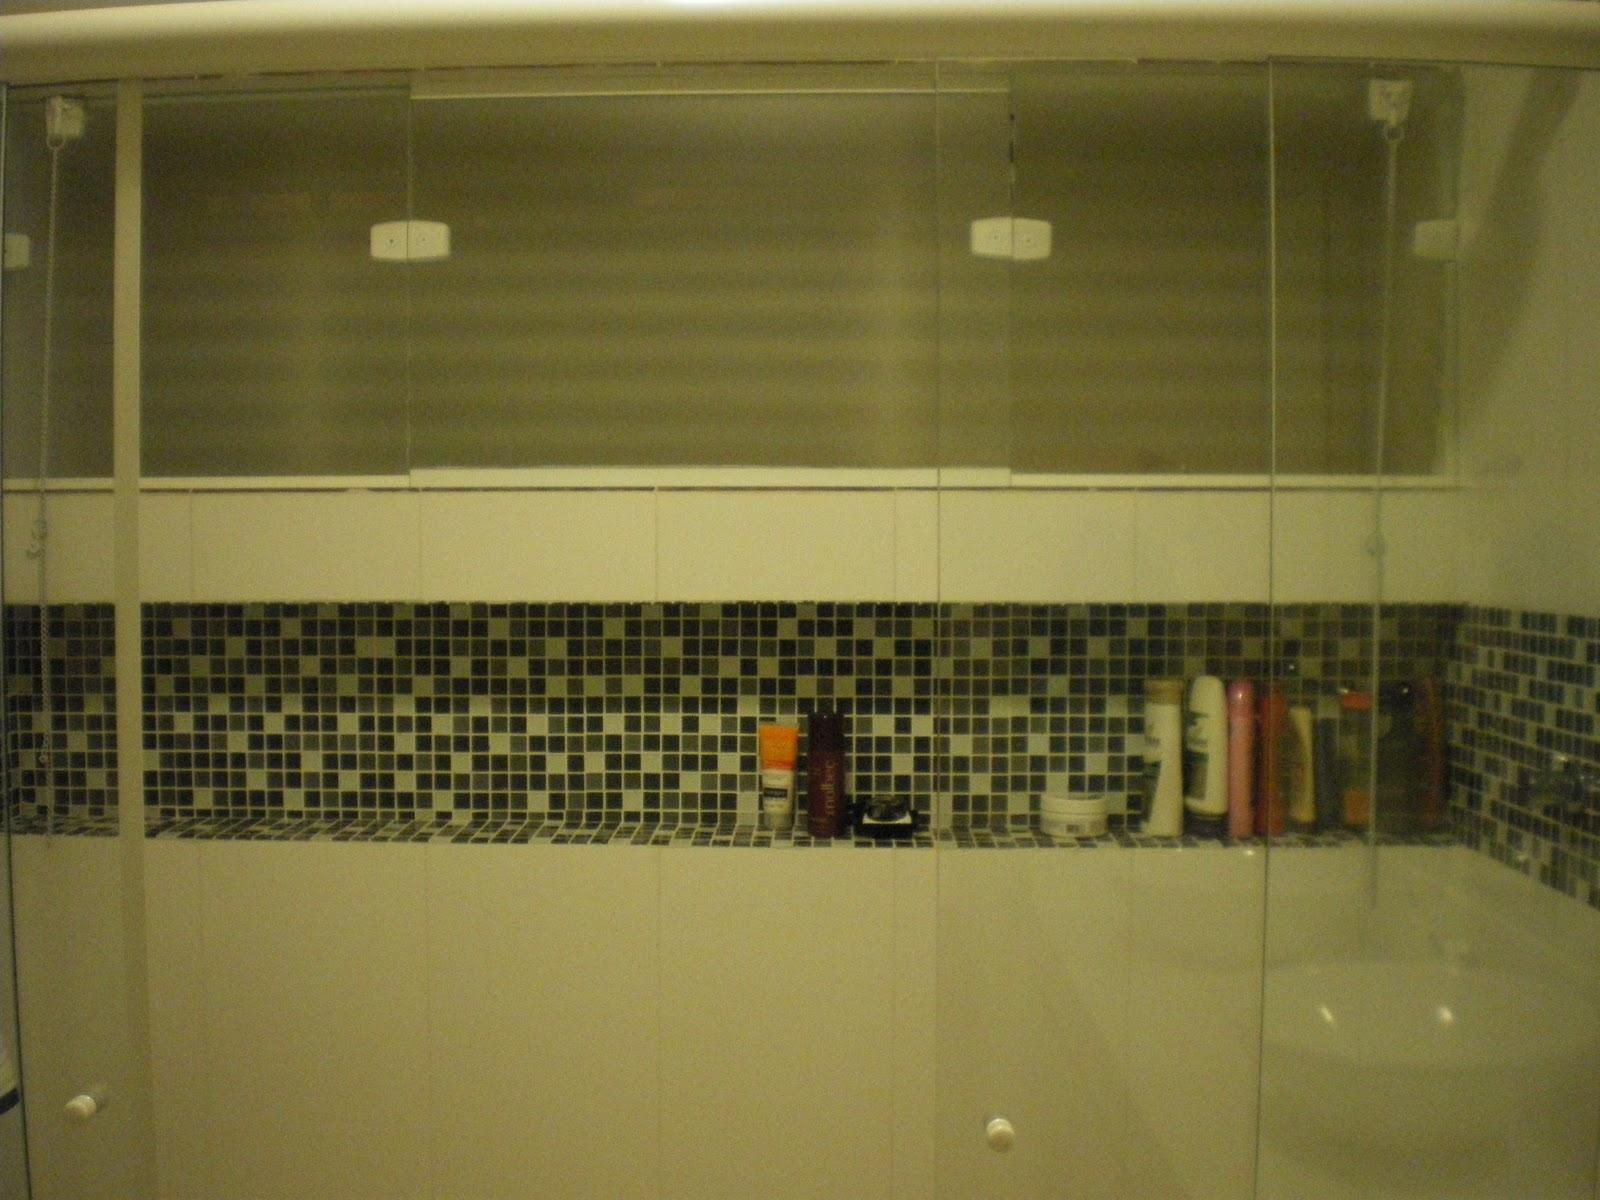 Nichos no Banheiro  Comprando Meu Apê  Comprando Meu Apê -> Banheiro Com Duas Faixas De Pastilha